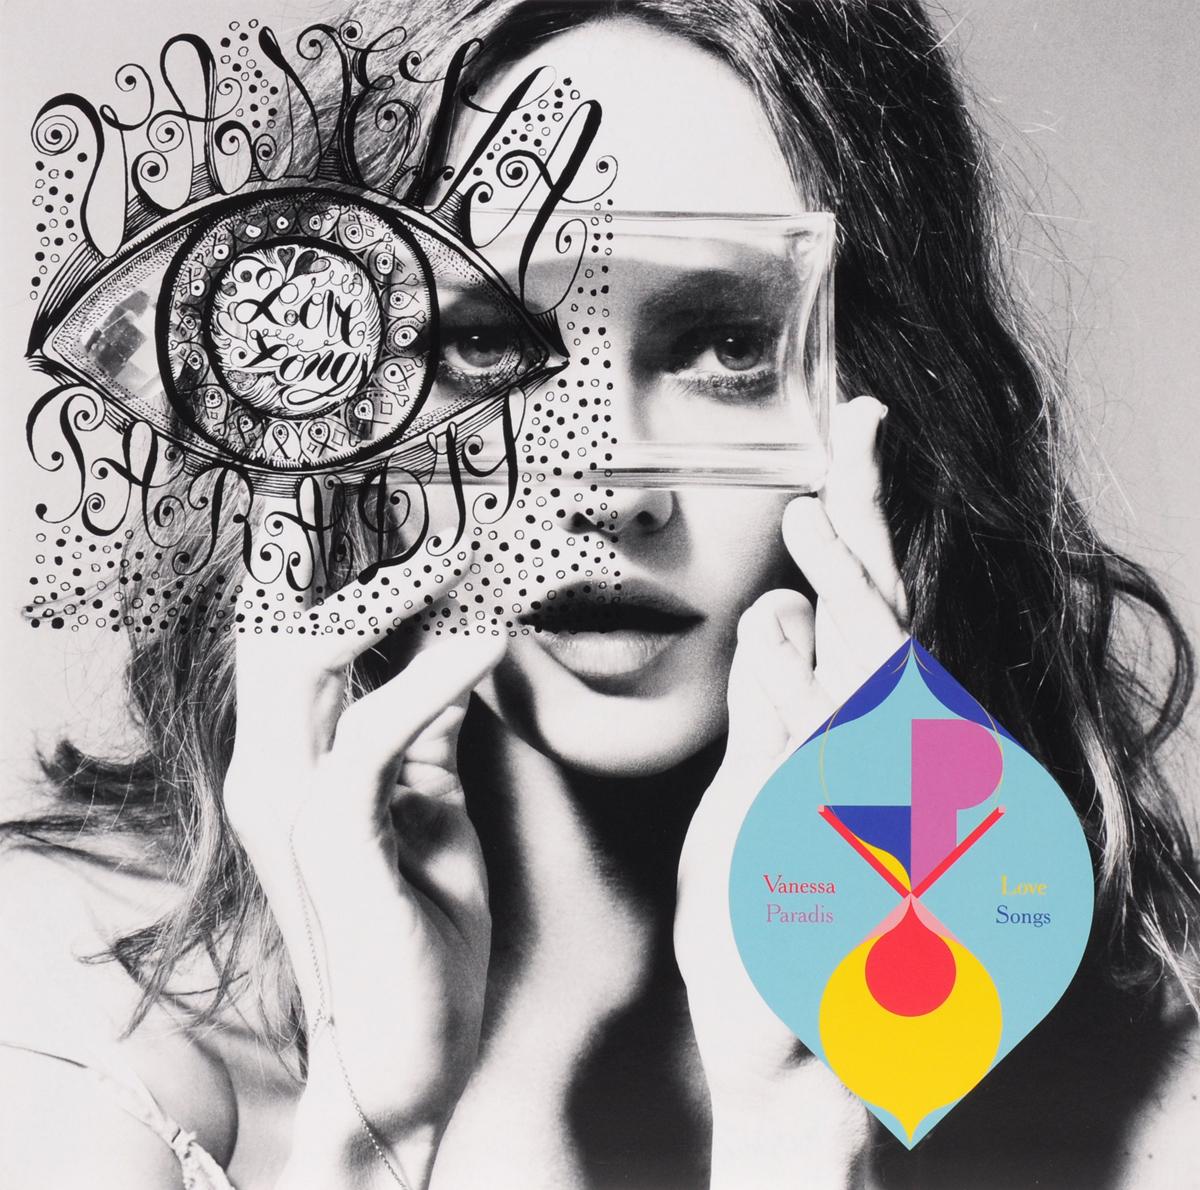 Ванесса Паради Vanessa Paradis. Love Songs (2 LP) vanessa paradis vanessa paradis love songs